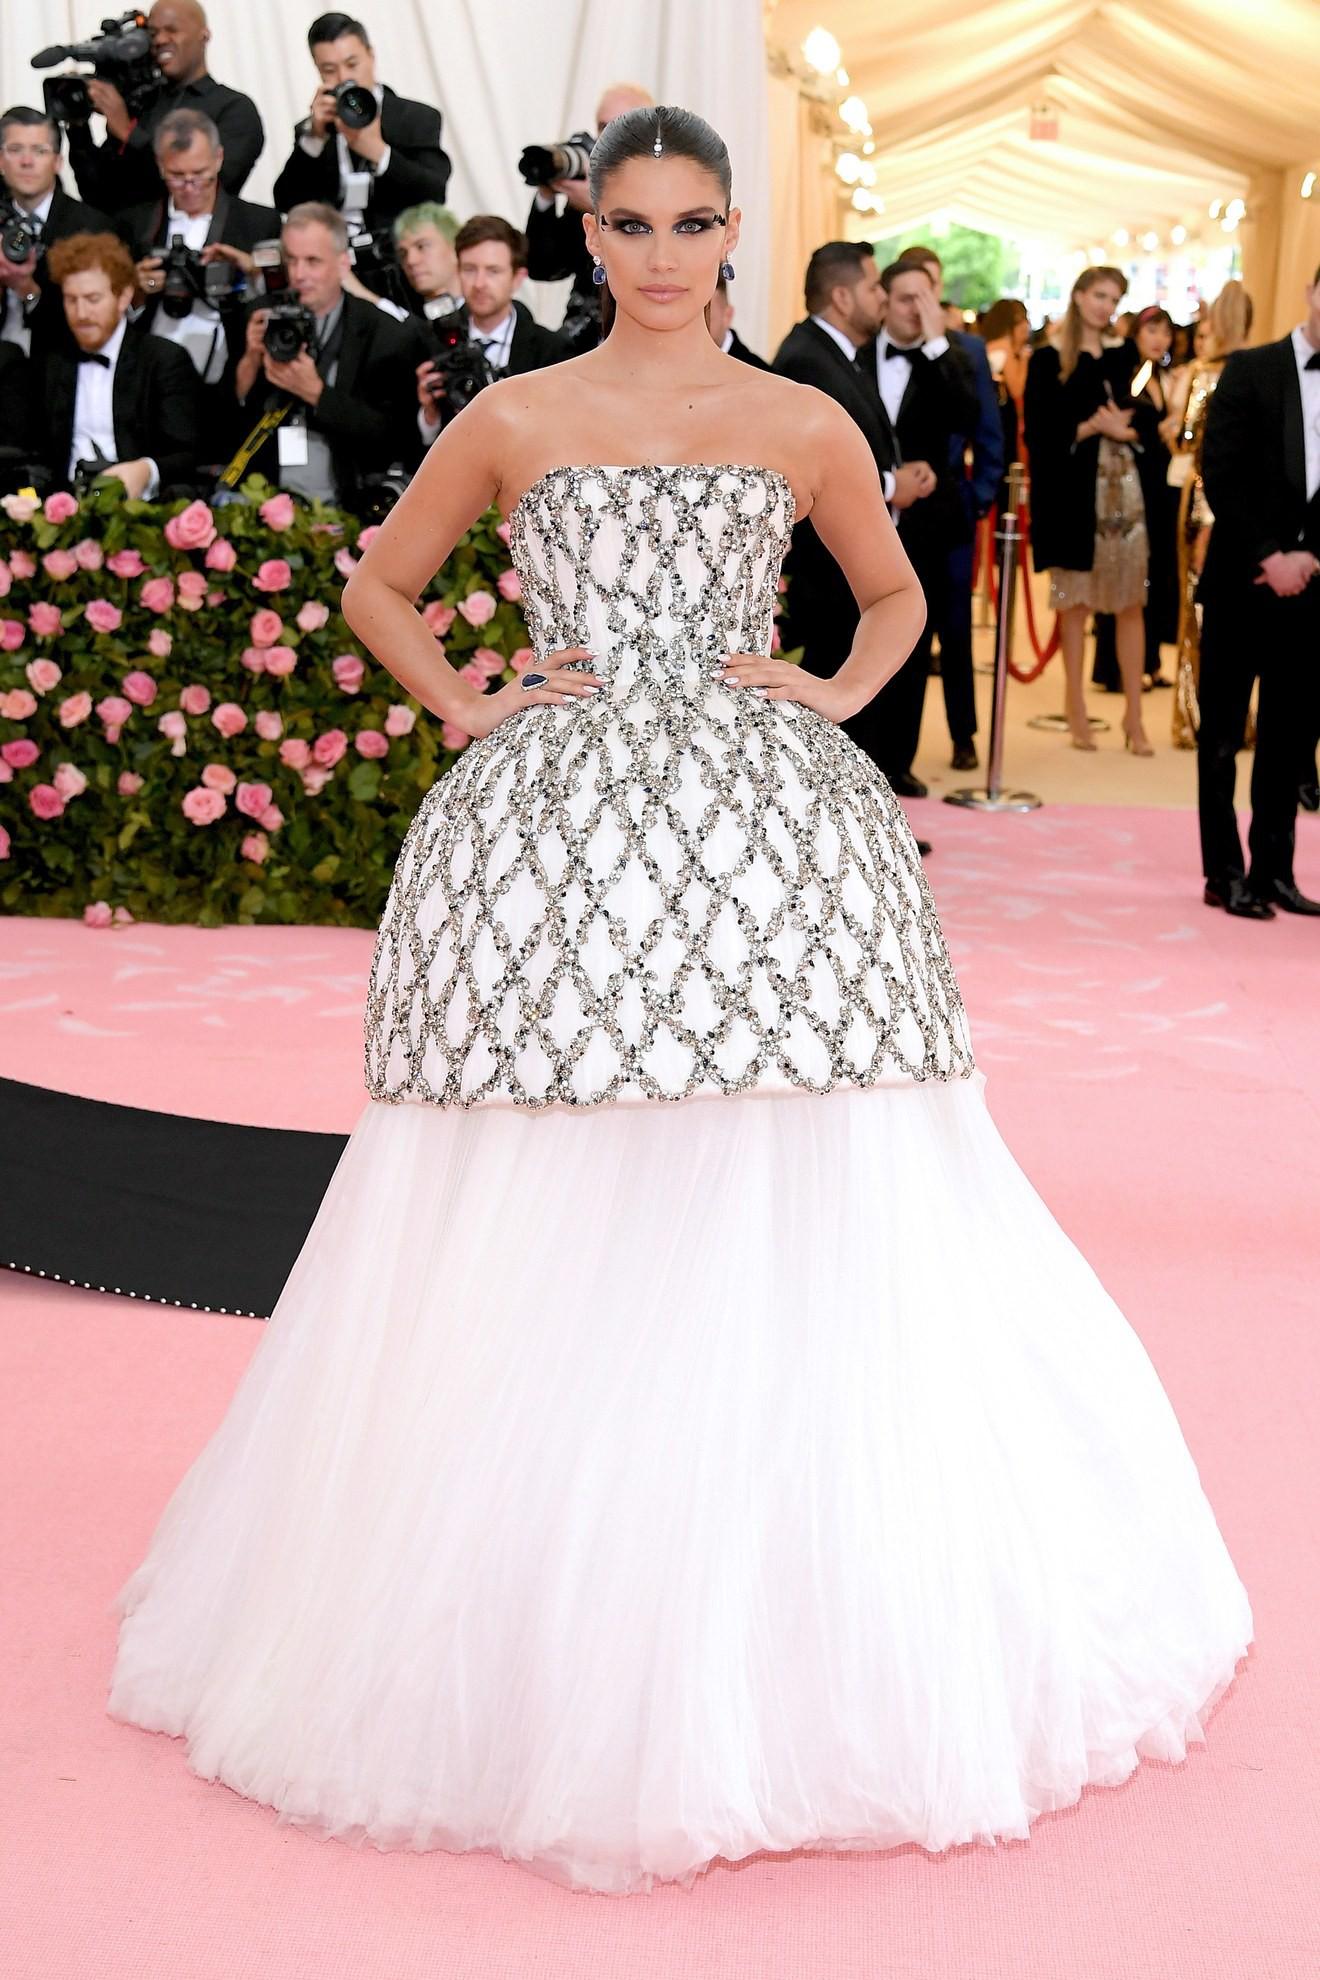 Met Gala 2019: Khó ai hơn được Lady Gaga với bộ váy biến hình 4 lần, nhưng chặt chém không kém là nam nhân dát vàng nằm kiệu - Ảnh 14.